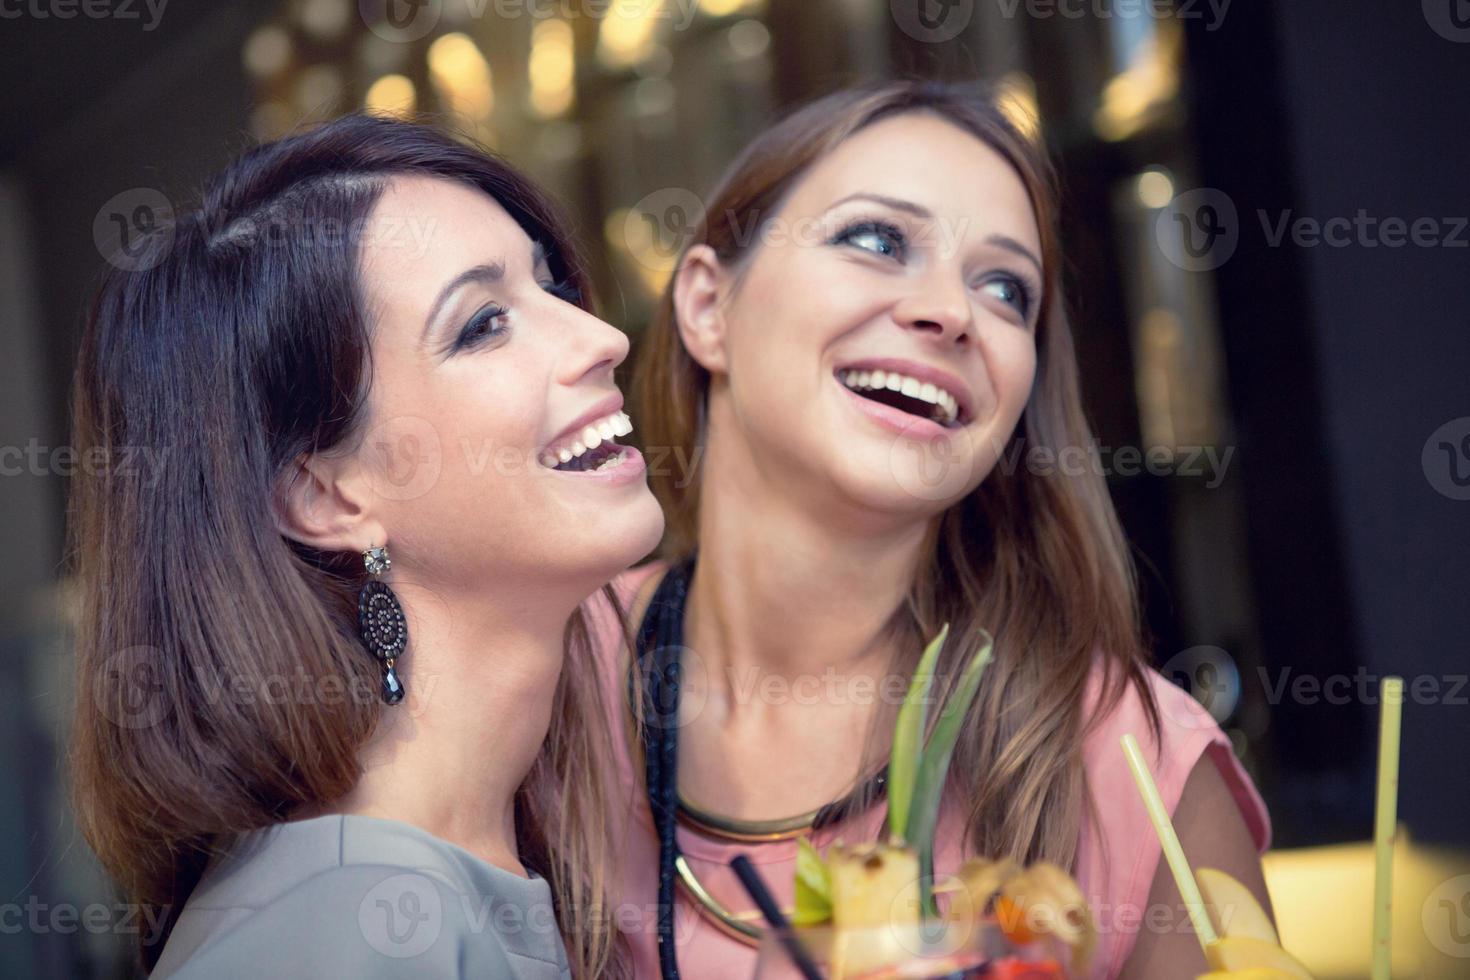 jovens rindo amigas se divertem na festa foto